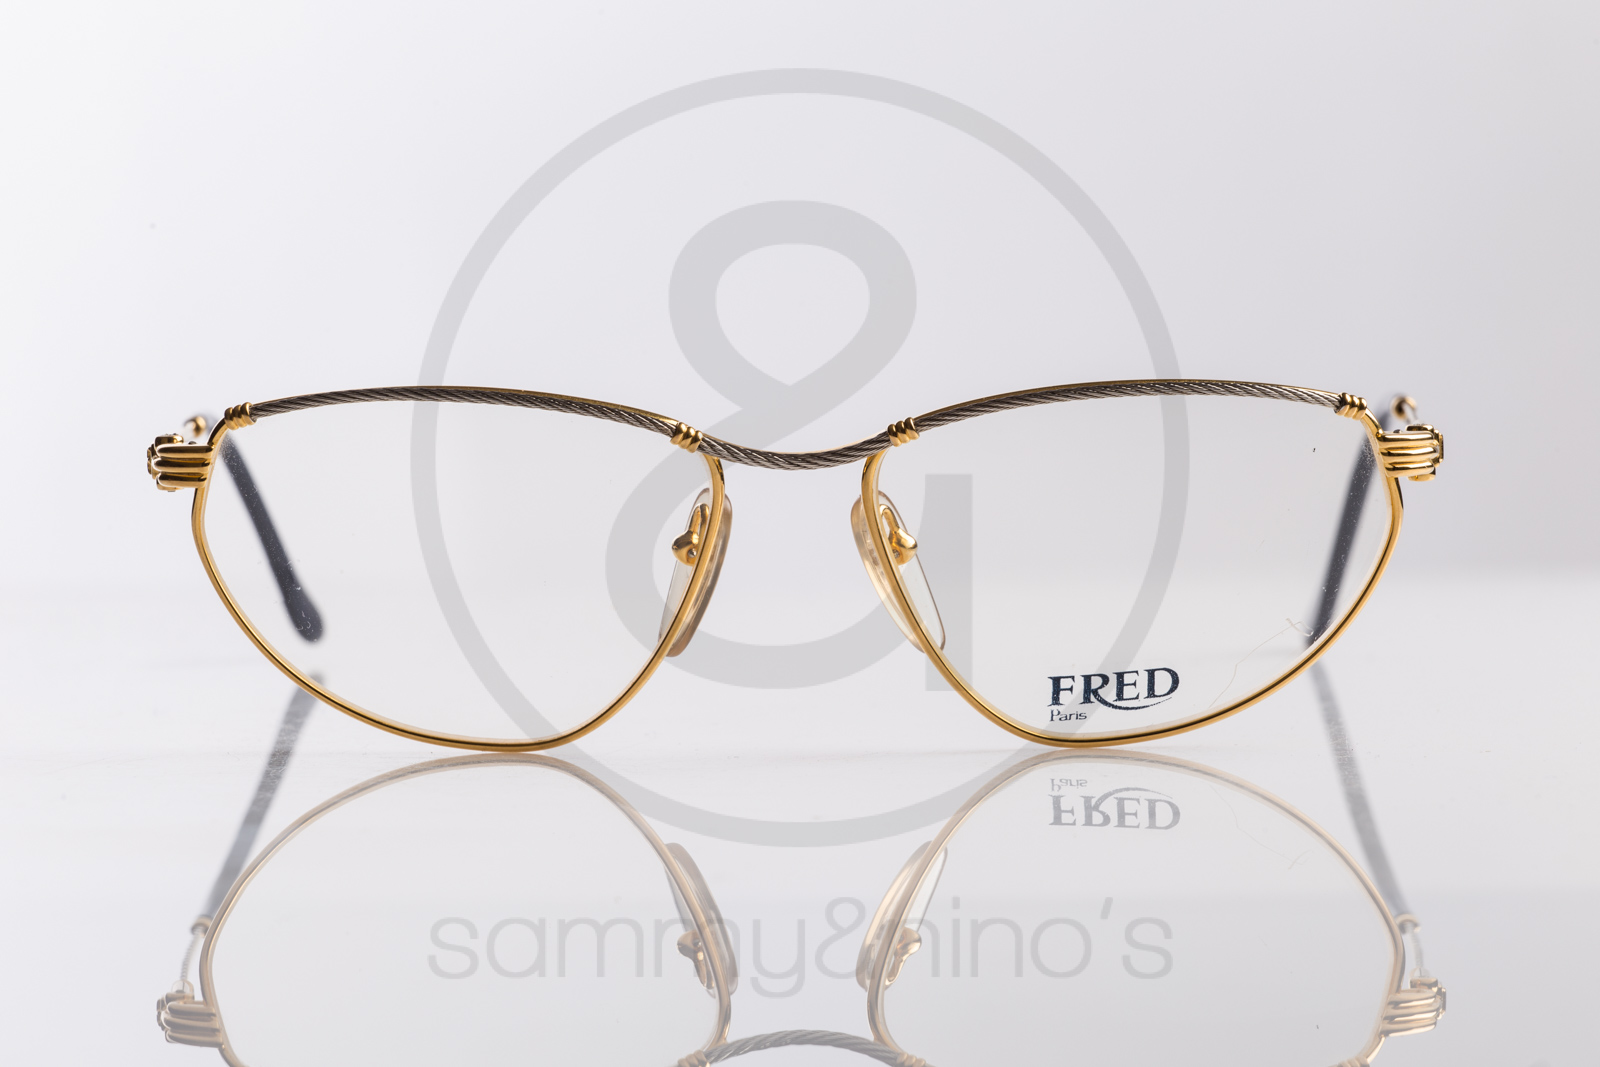 Fred Alize – Sammy & Nino\'s Store